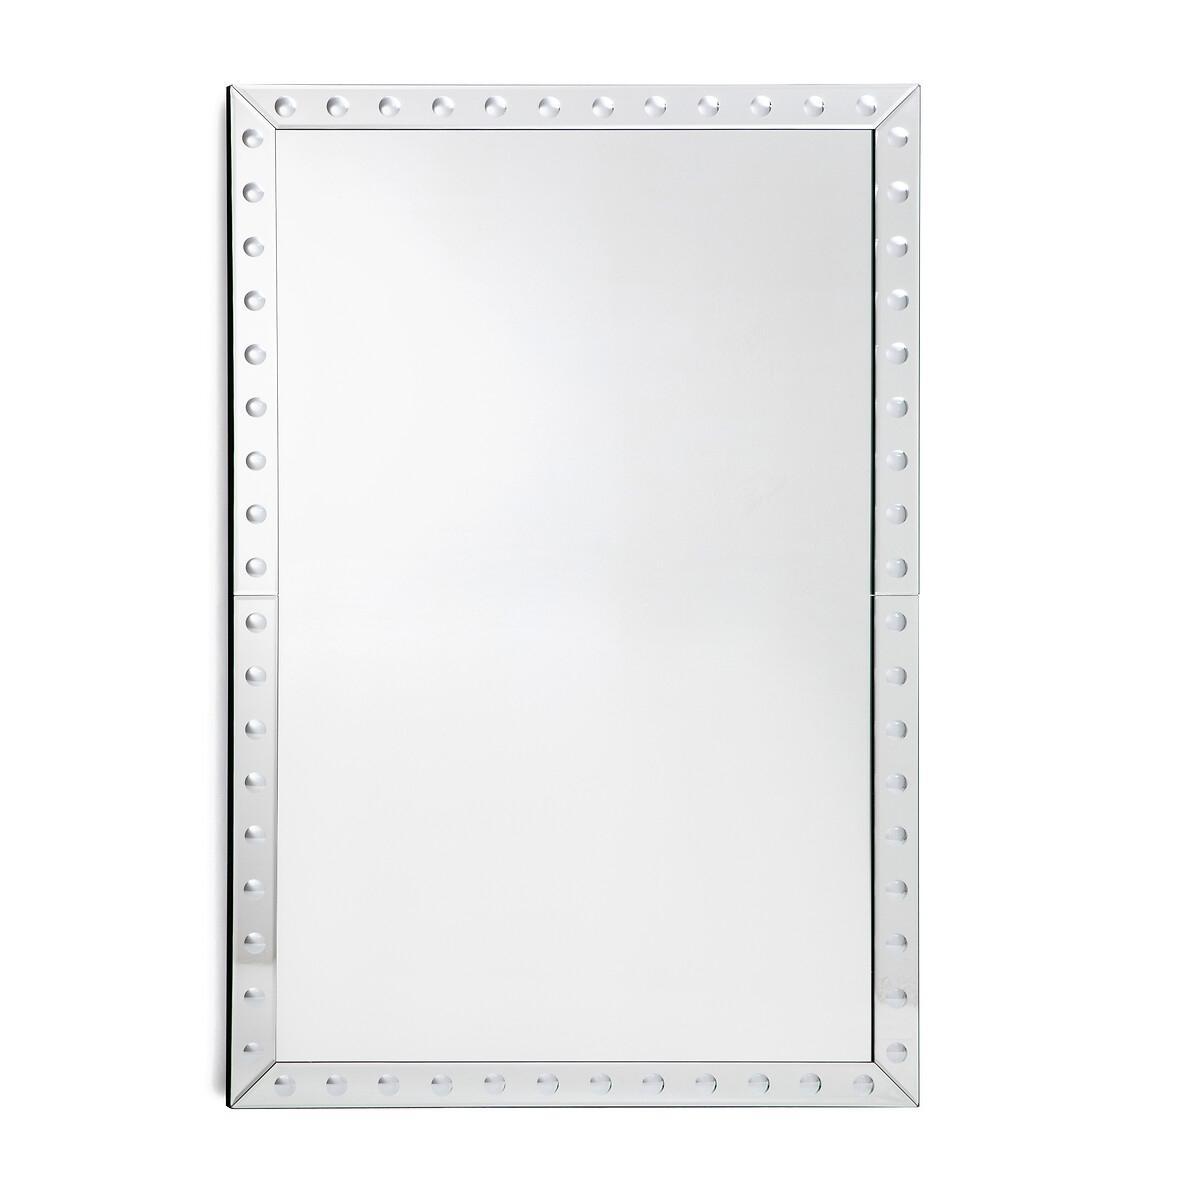 Зеркало La Redoute Прямоугольное В150 см Roxane единый размер другие зеркало la redoute прямоугольное д x в см barbier единый размер другие